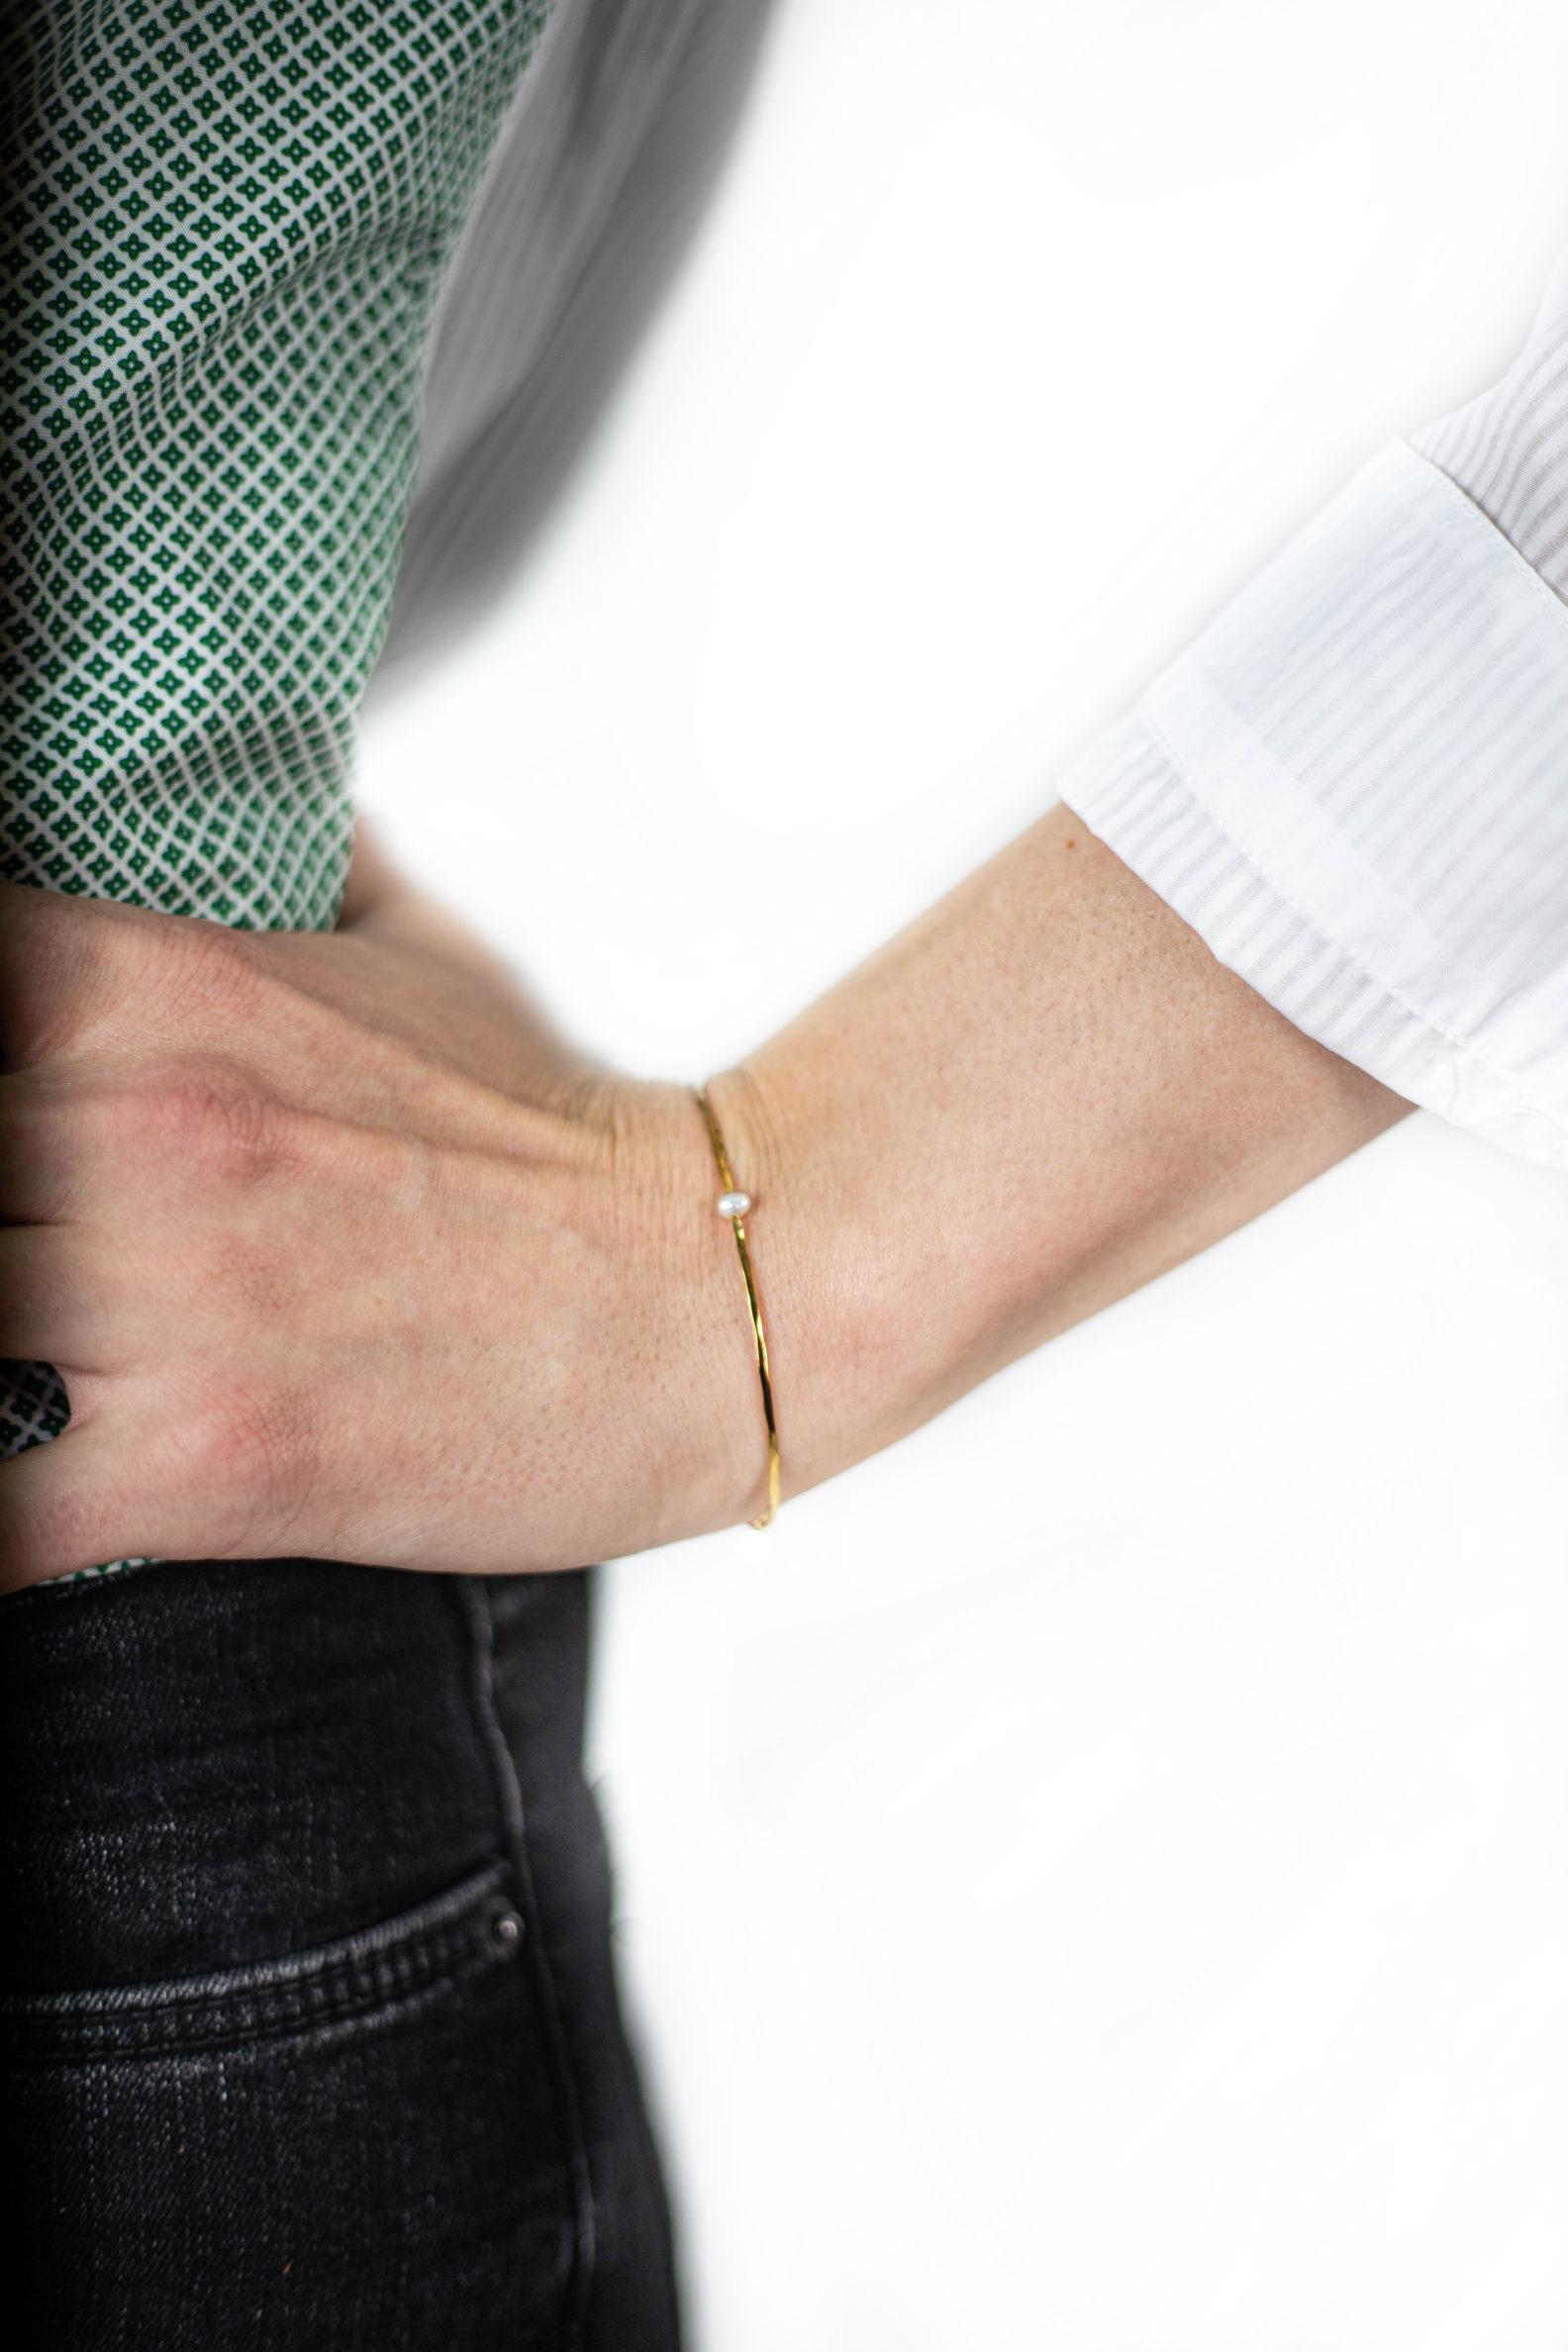 bracelet-laiton-martele-affaires-etrangeres-laetitia-piffeteau-france